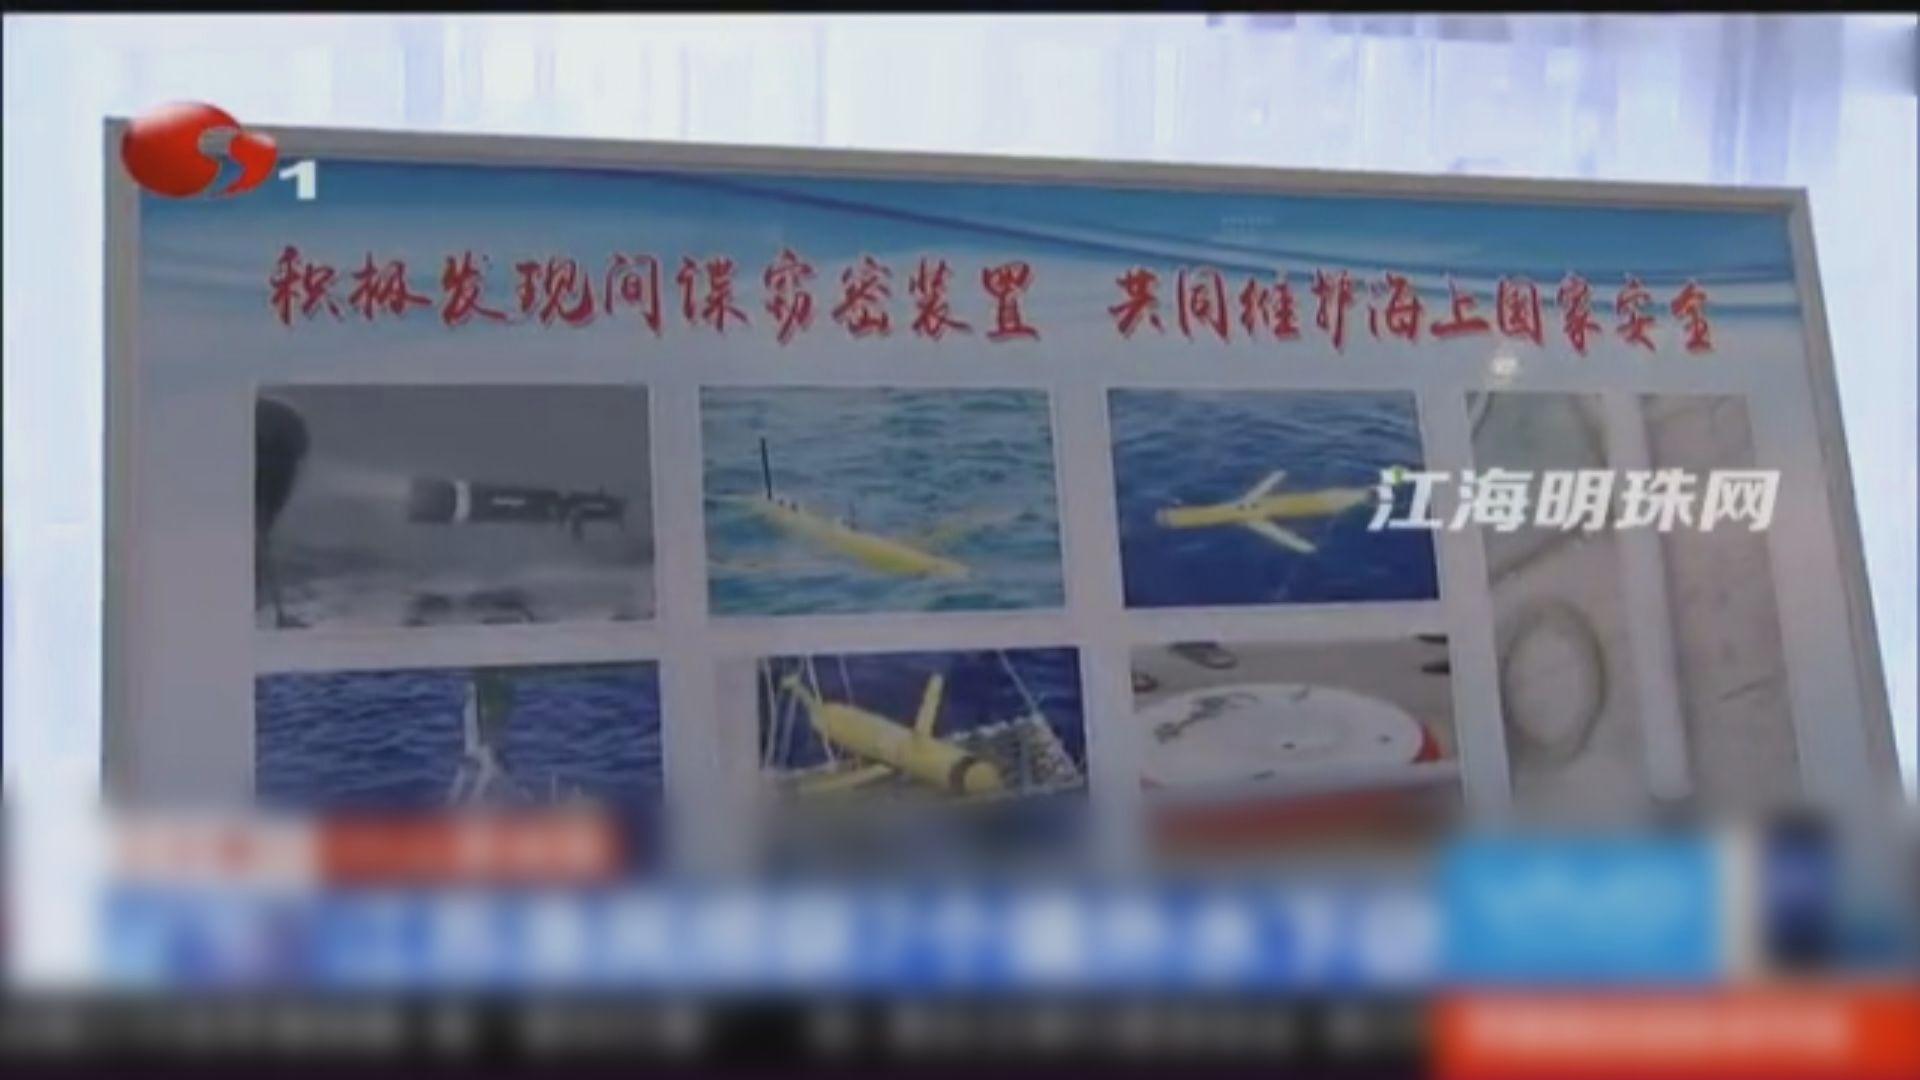 江蘇漁民撈獲多個外國水下間諜裝置 獲國家獎勵